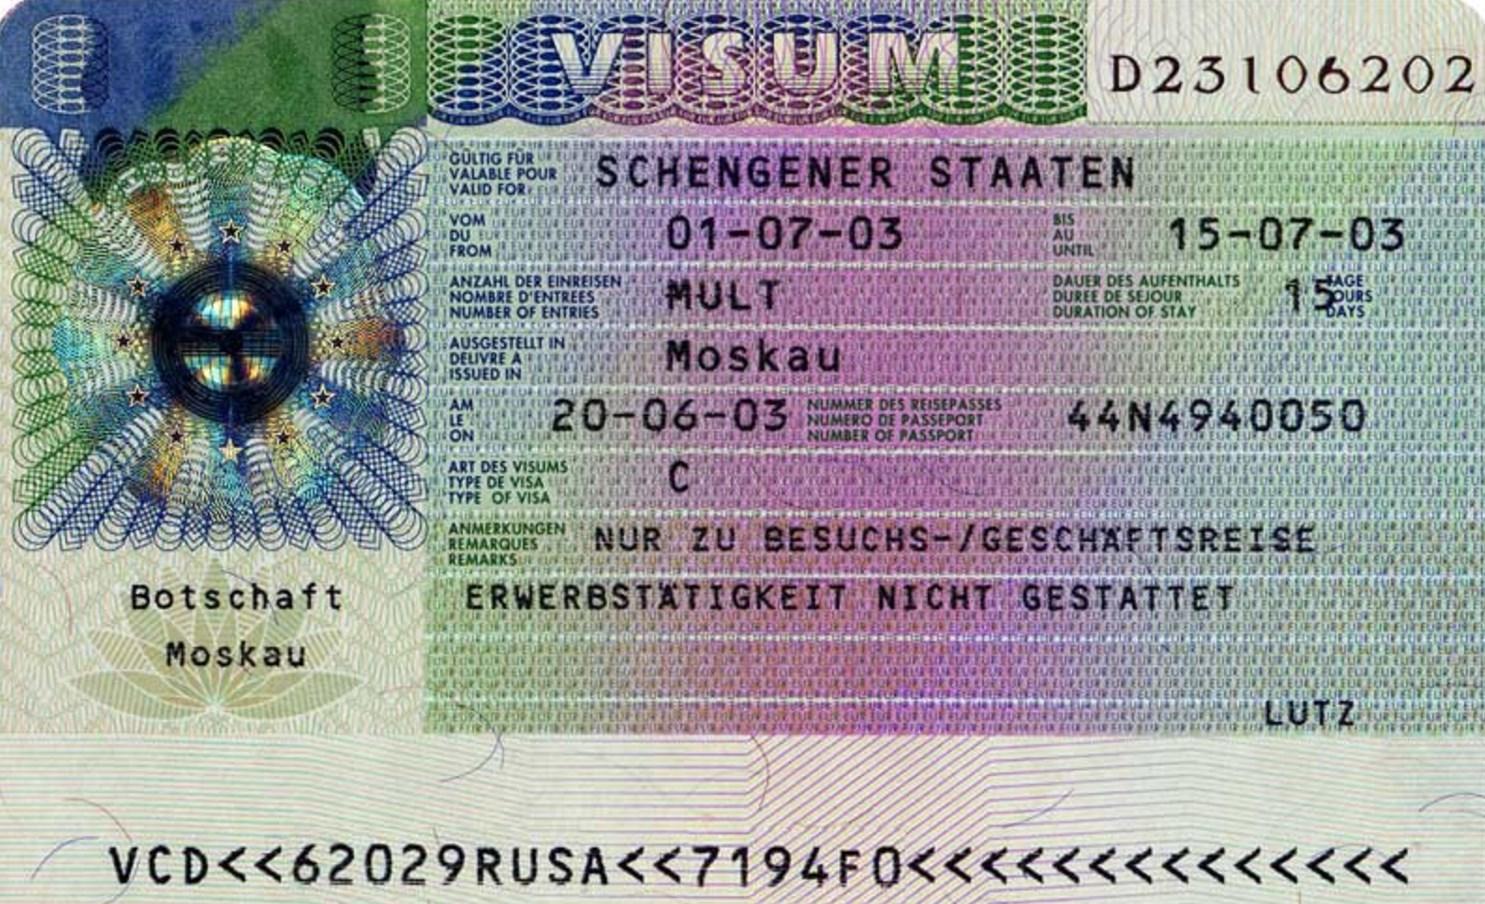 Фото шенгенской визы